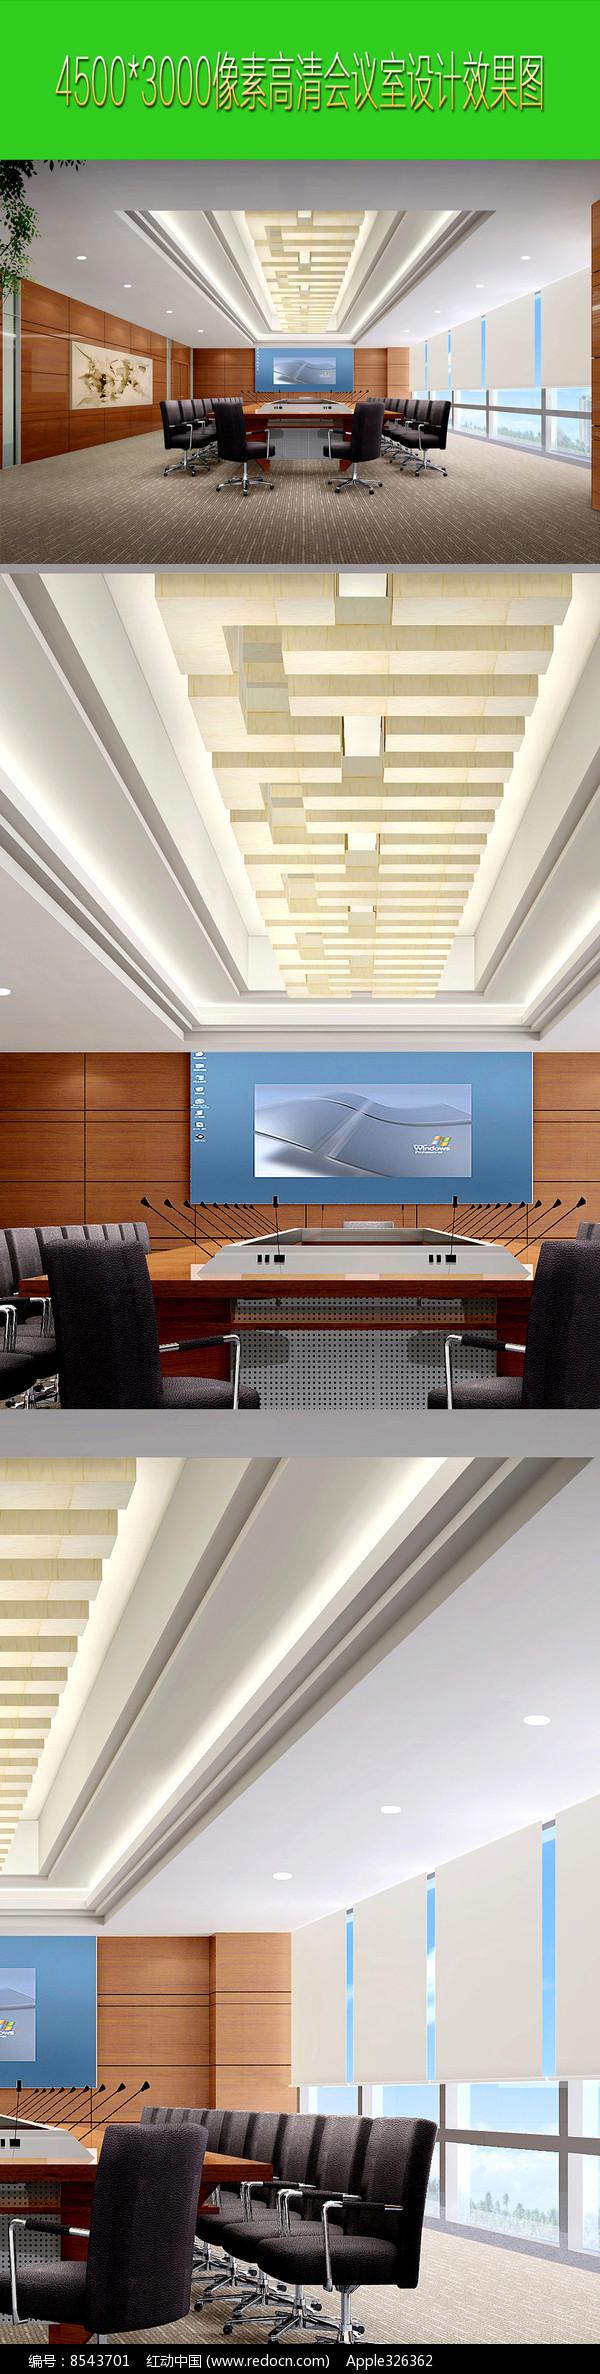 高清会议室设计方案图片